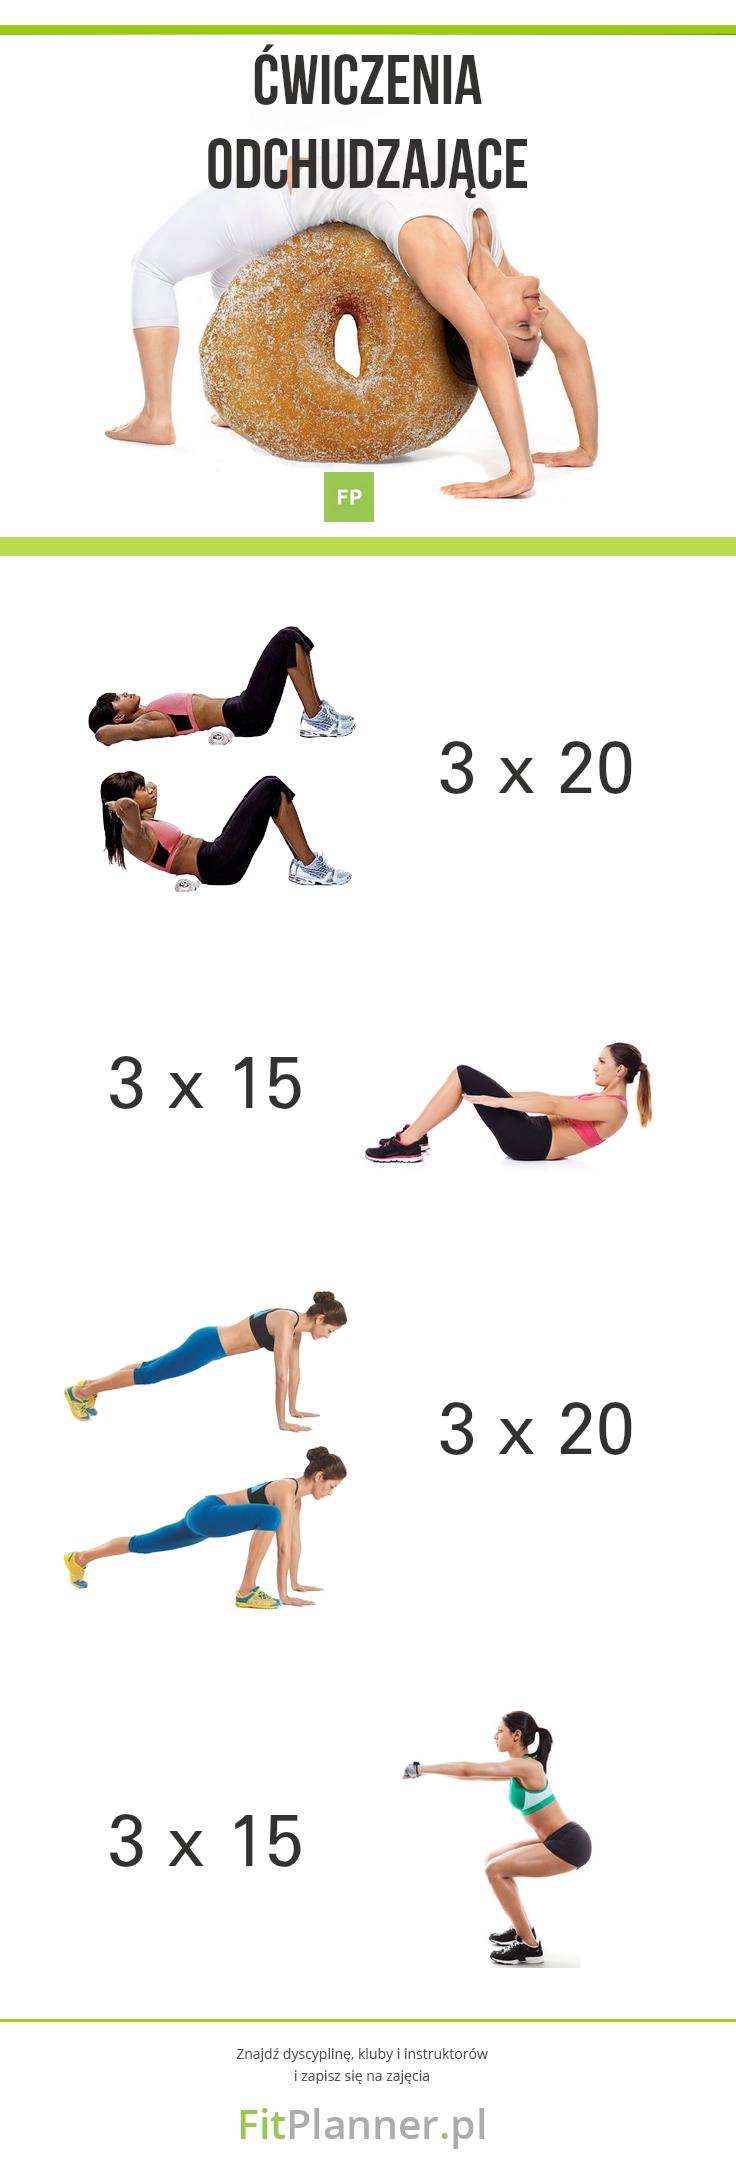 Ćwiczenia odchudzające na szczupłą sylwetkę - Infografika